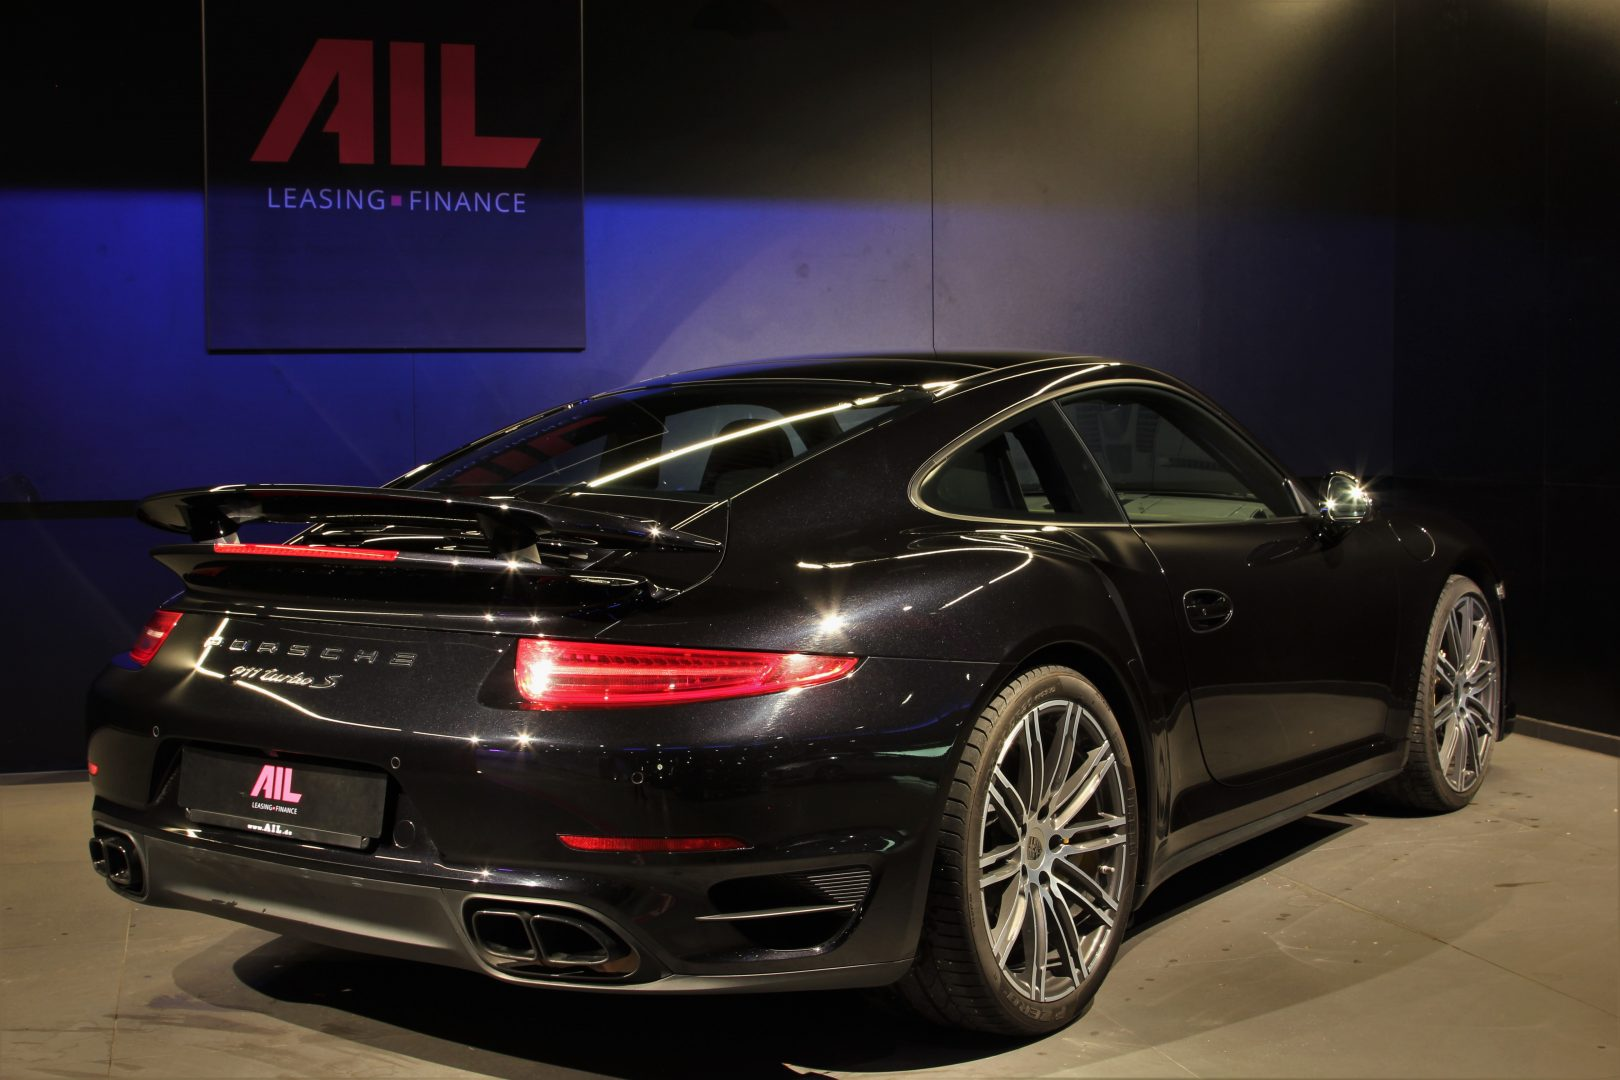 AIL Porsche 911 991 Turbo S Carbon Paket PCCB 1